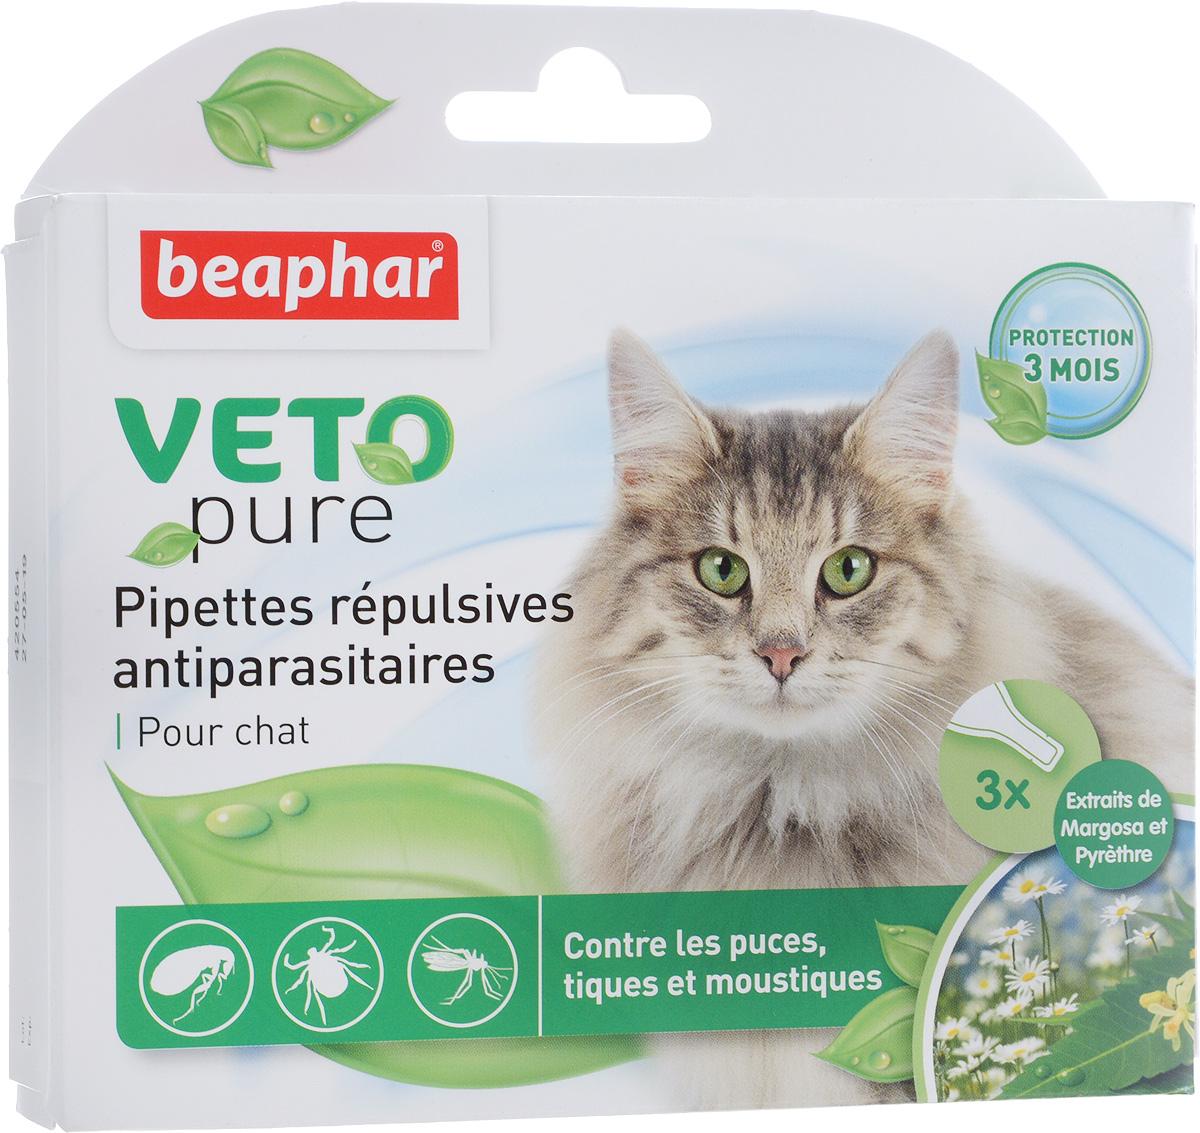 Капли от блох и клещей Beaphar, для кошек с 12 недельного возраста, 3 шт х 1 мл капли от блох и клещей beaphar для щенков 3 х 1 мл